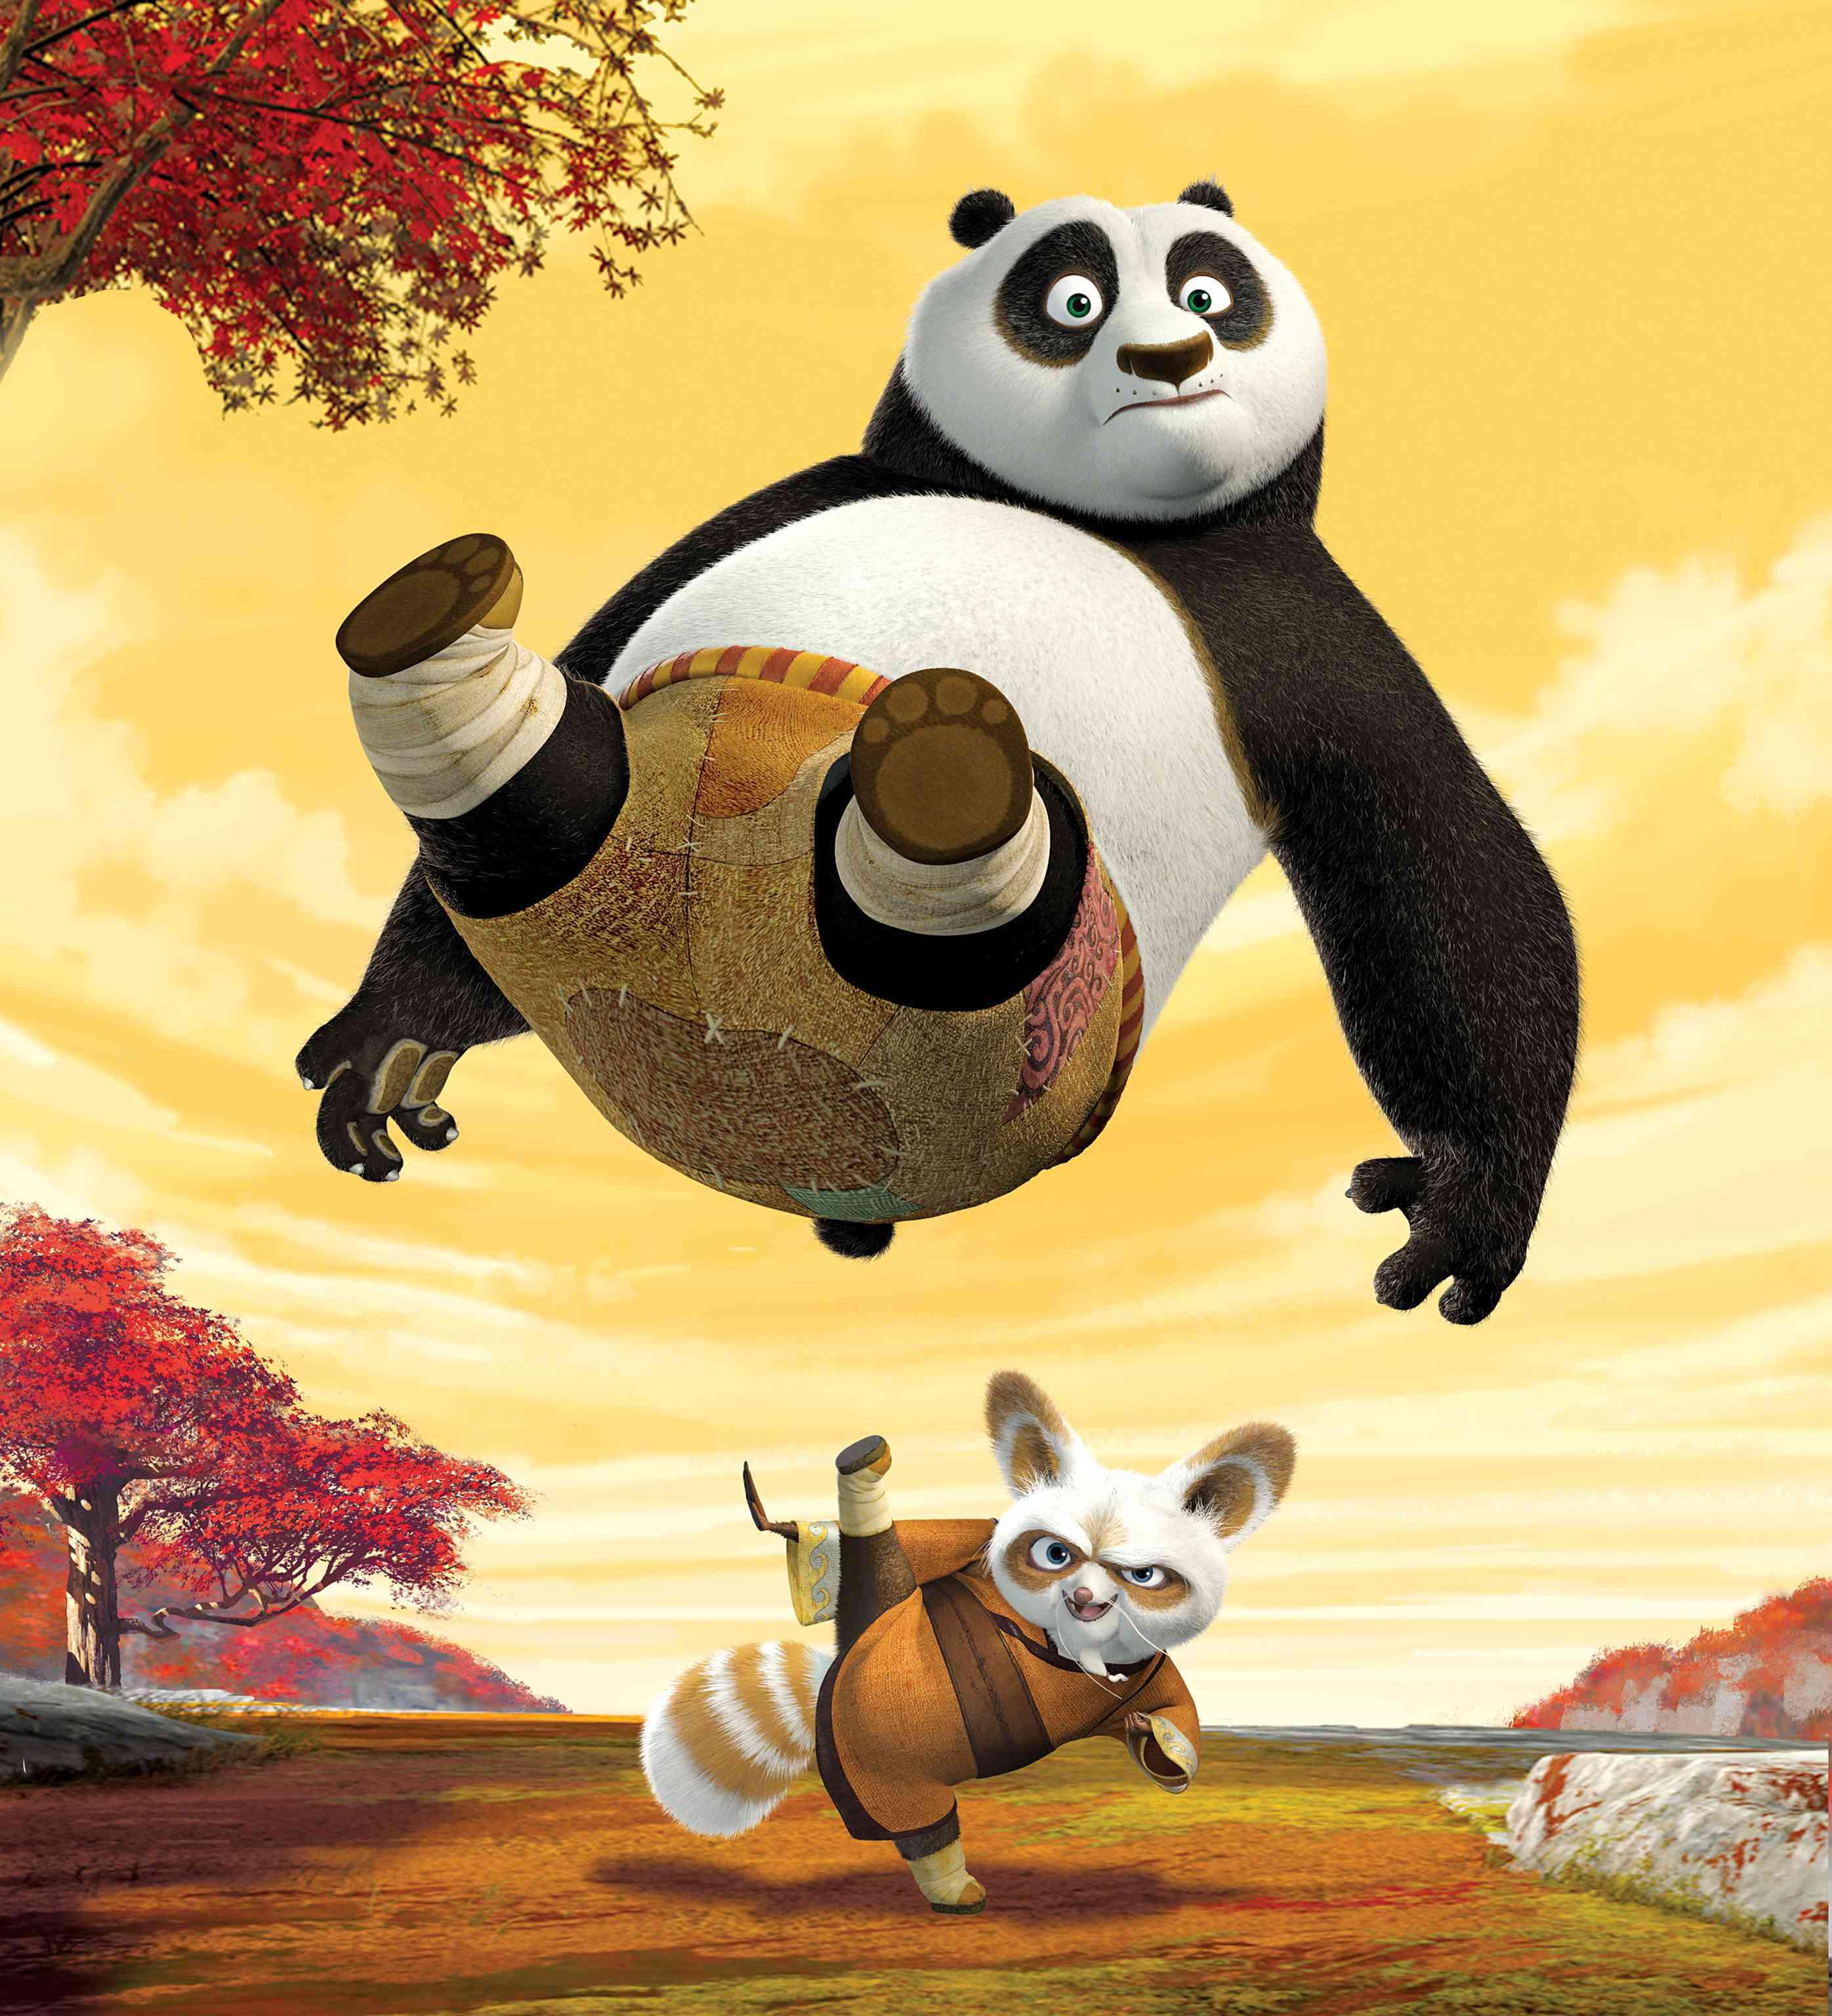 功夫熊猫2 kung fu panda